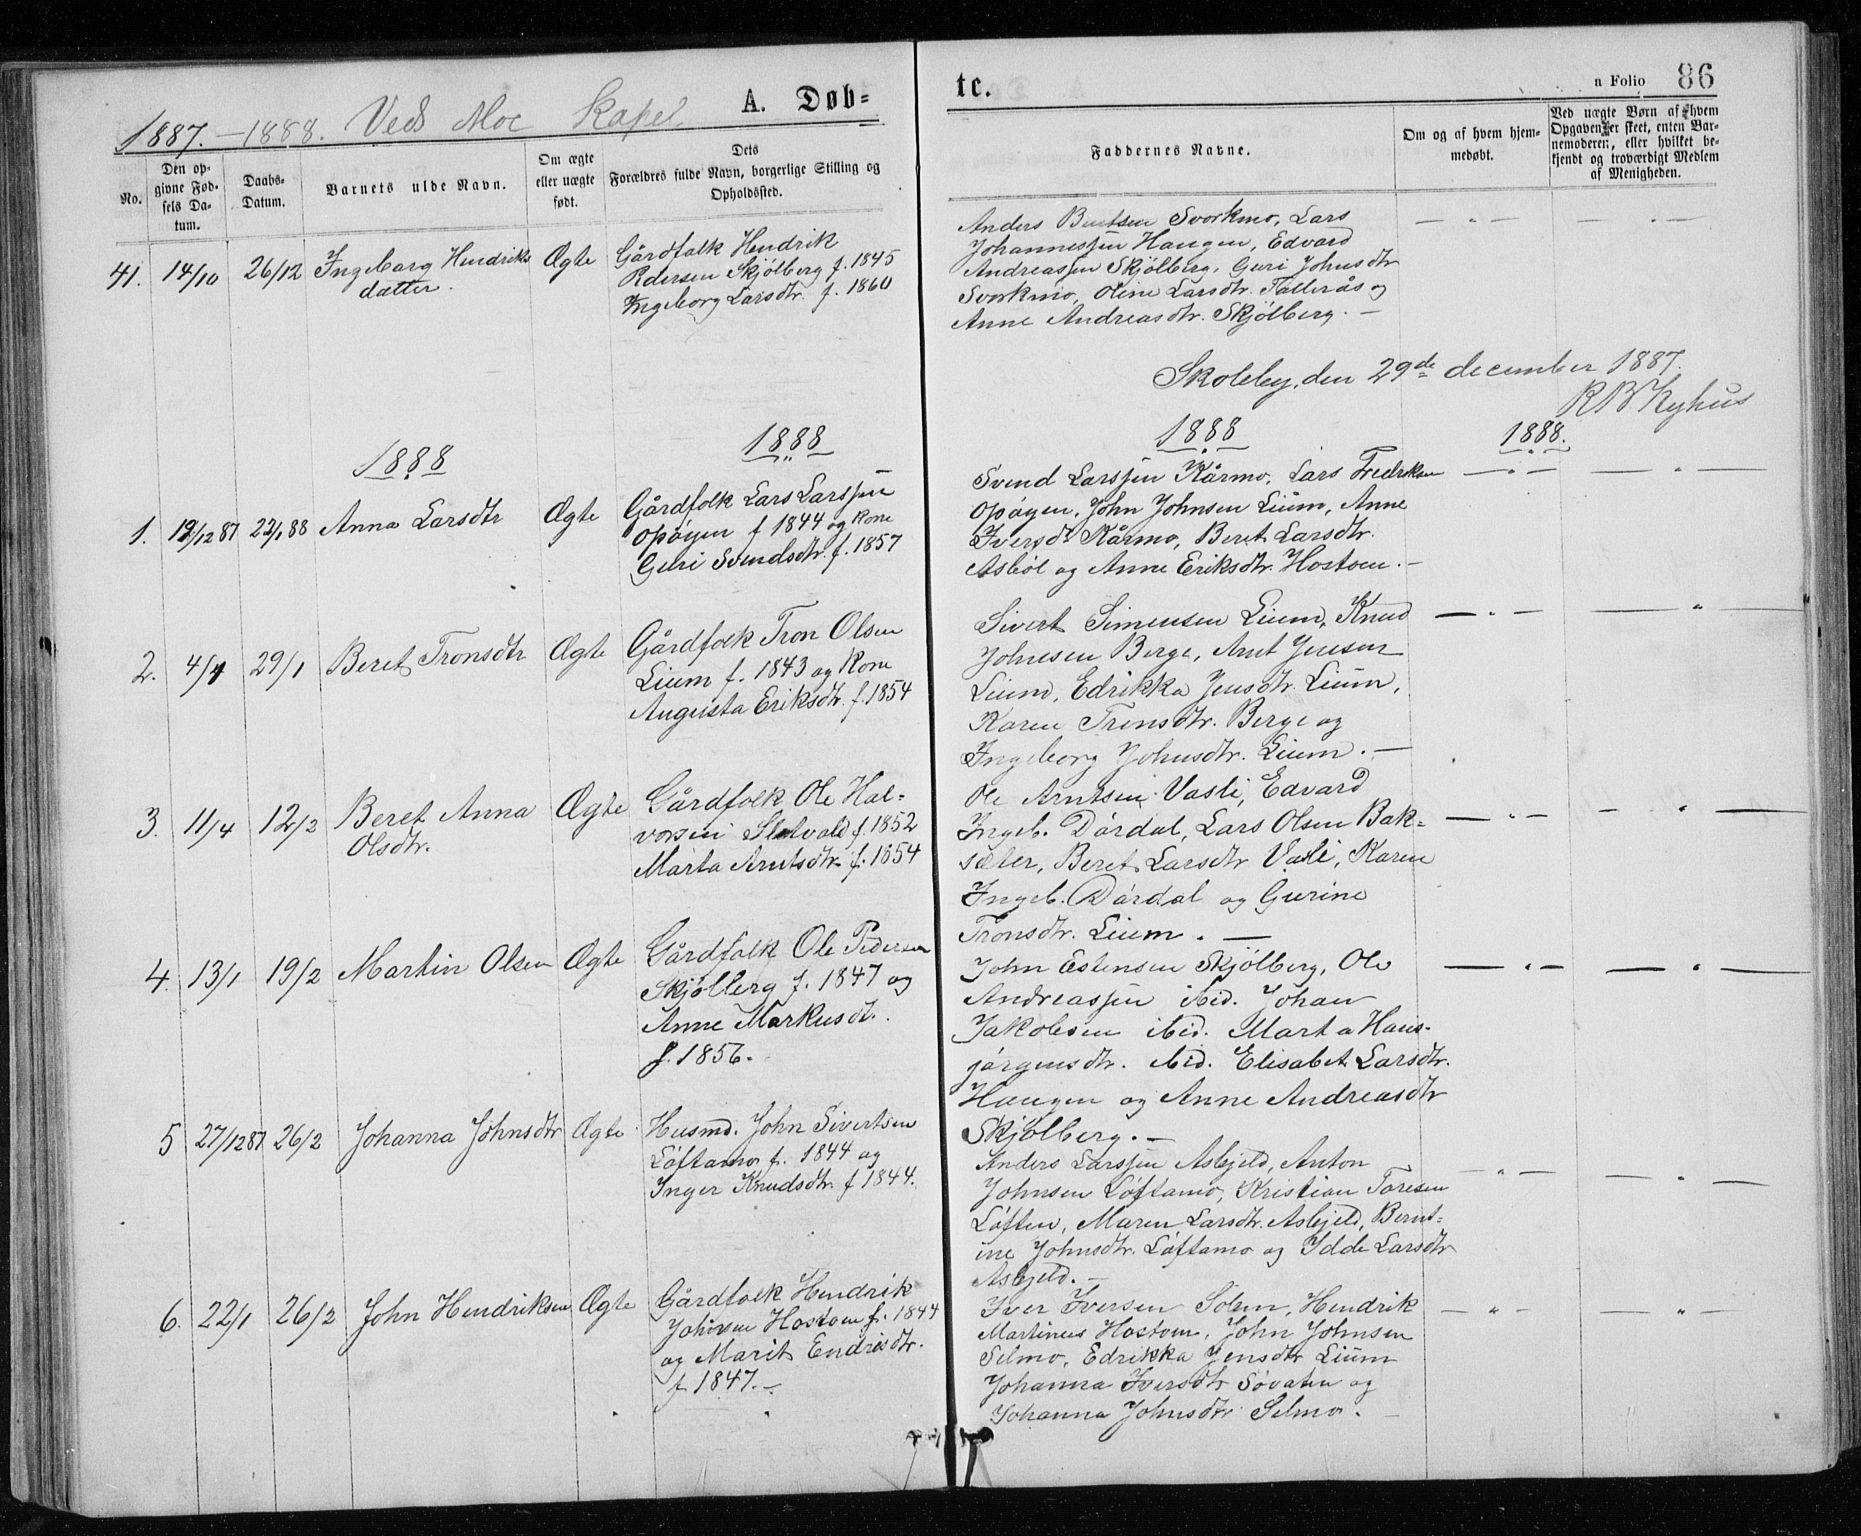 SAT, Ministerialprotokoller, klokkerbøker og fødselsregistre - Sør-Trøndelag, 671/L0843: Klokkerbok nr. 671C02, 1873-1892, s. 86